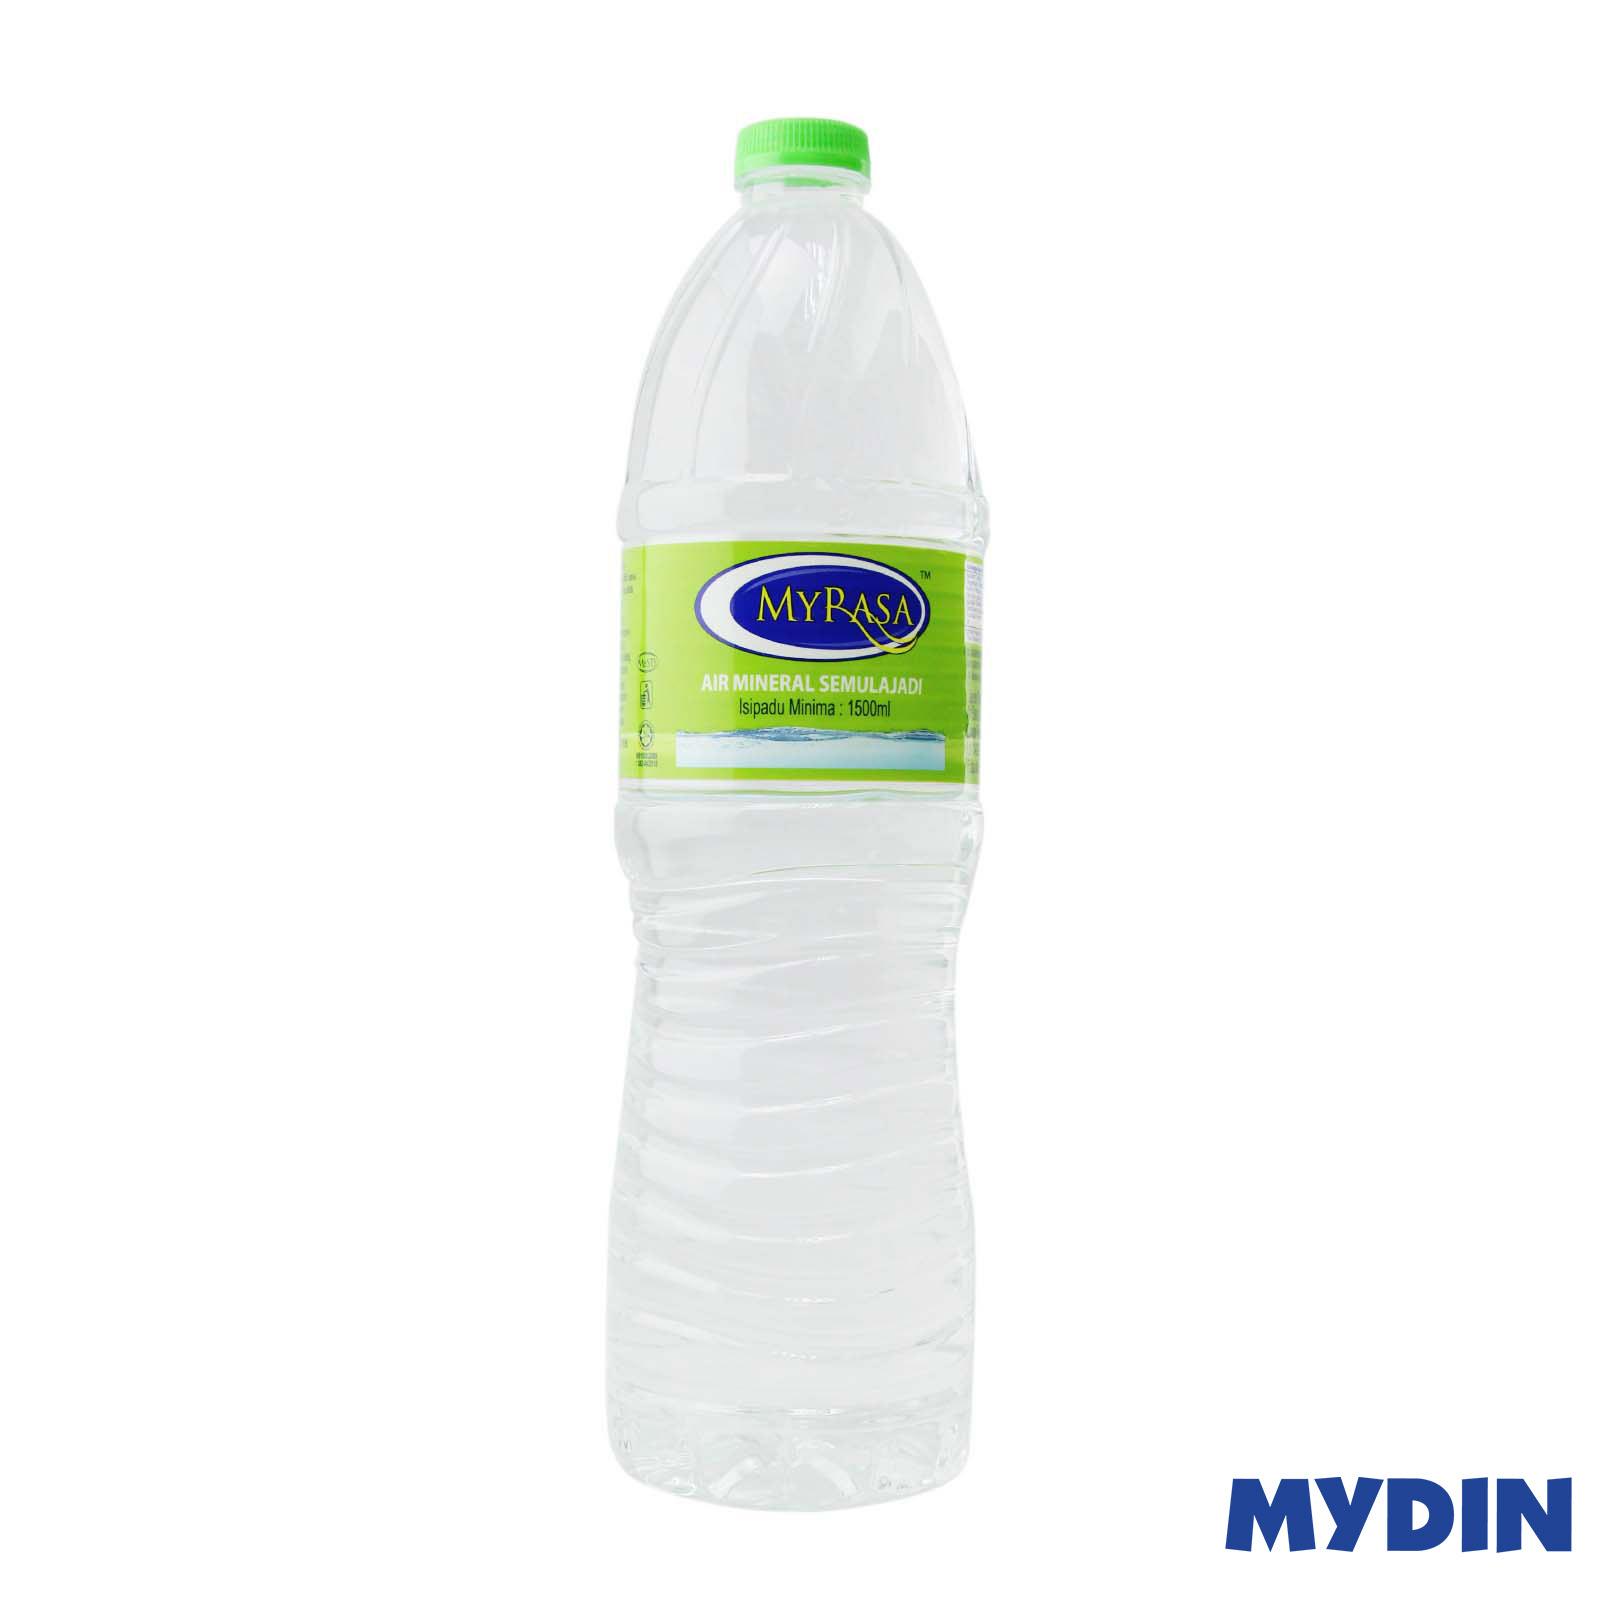 Myrasa Mineral Water (1.5L)